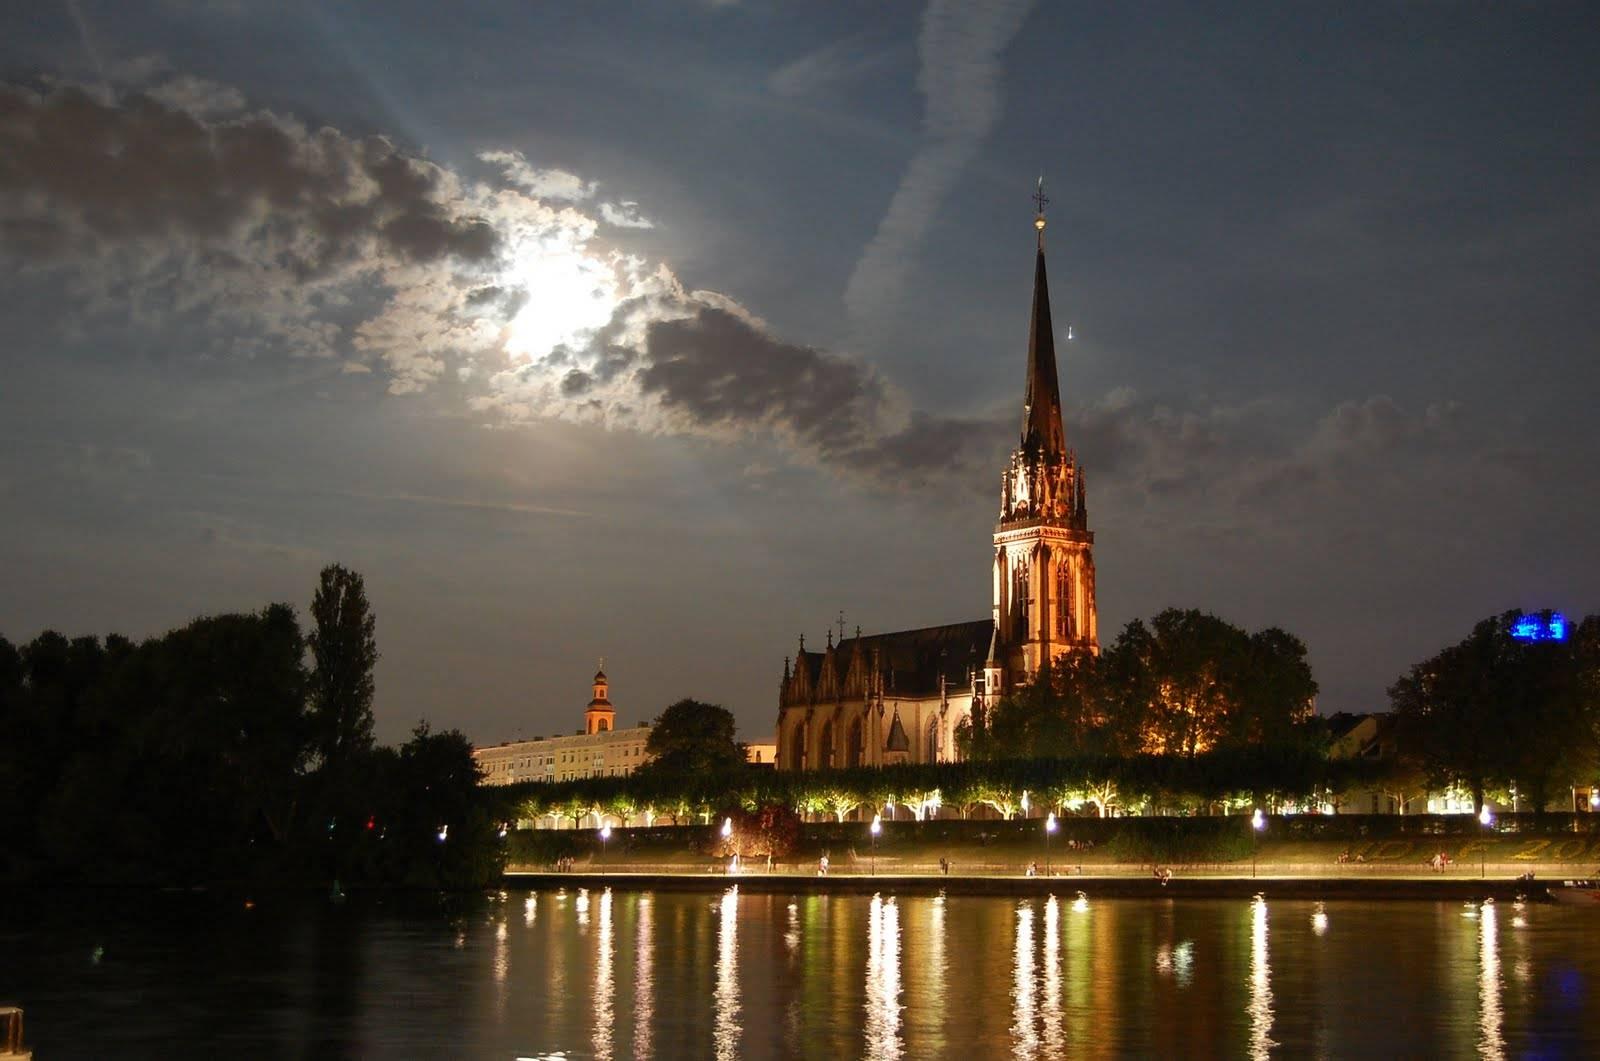 Drei König Church